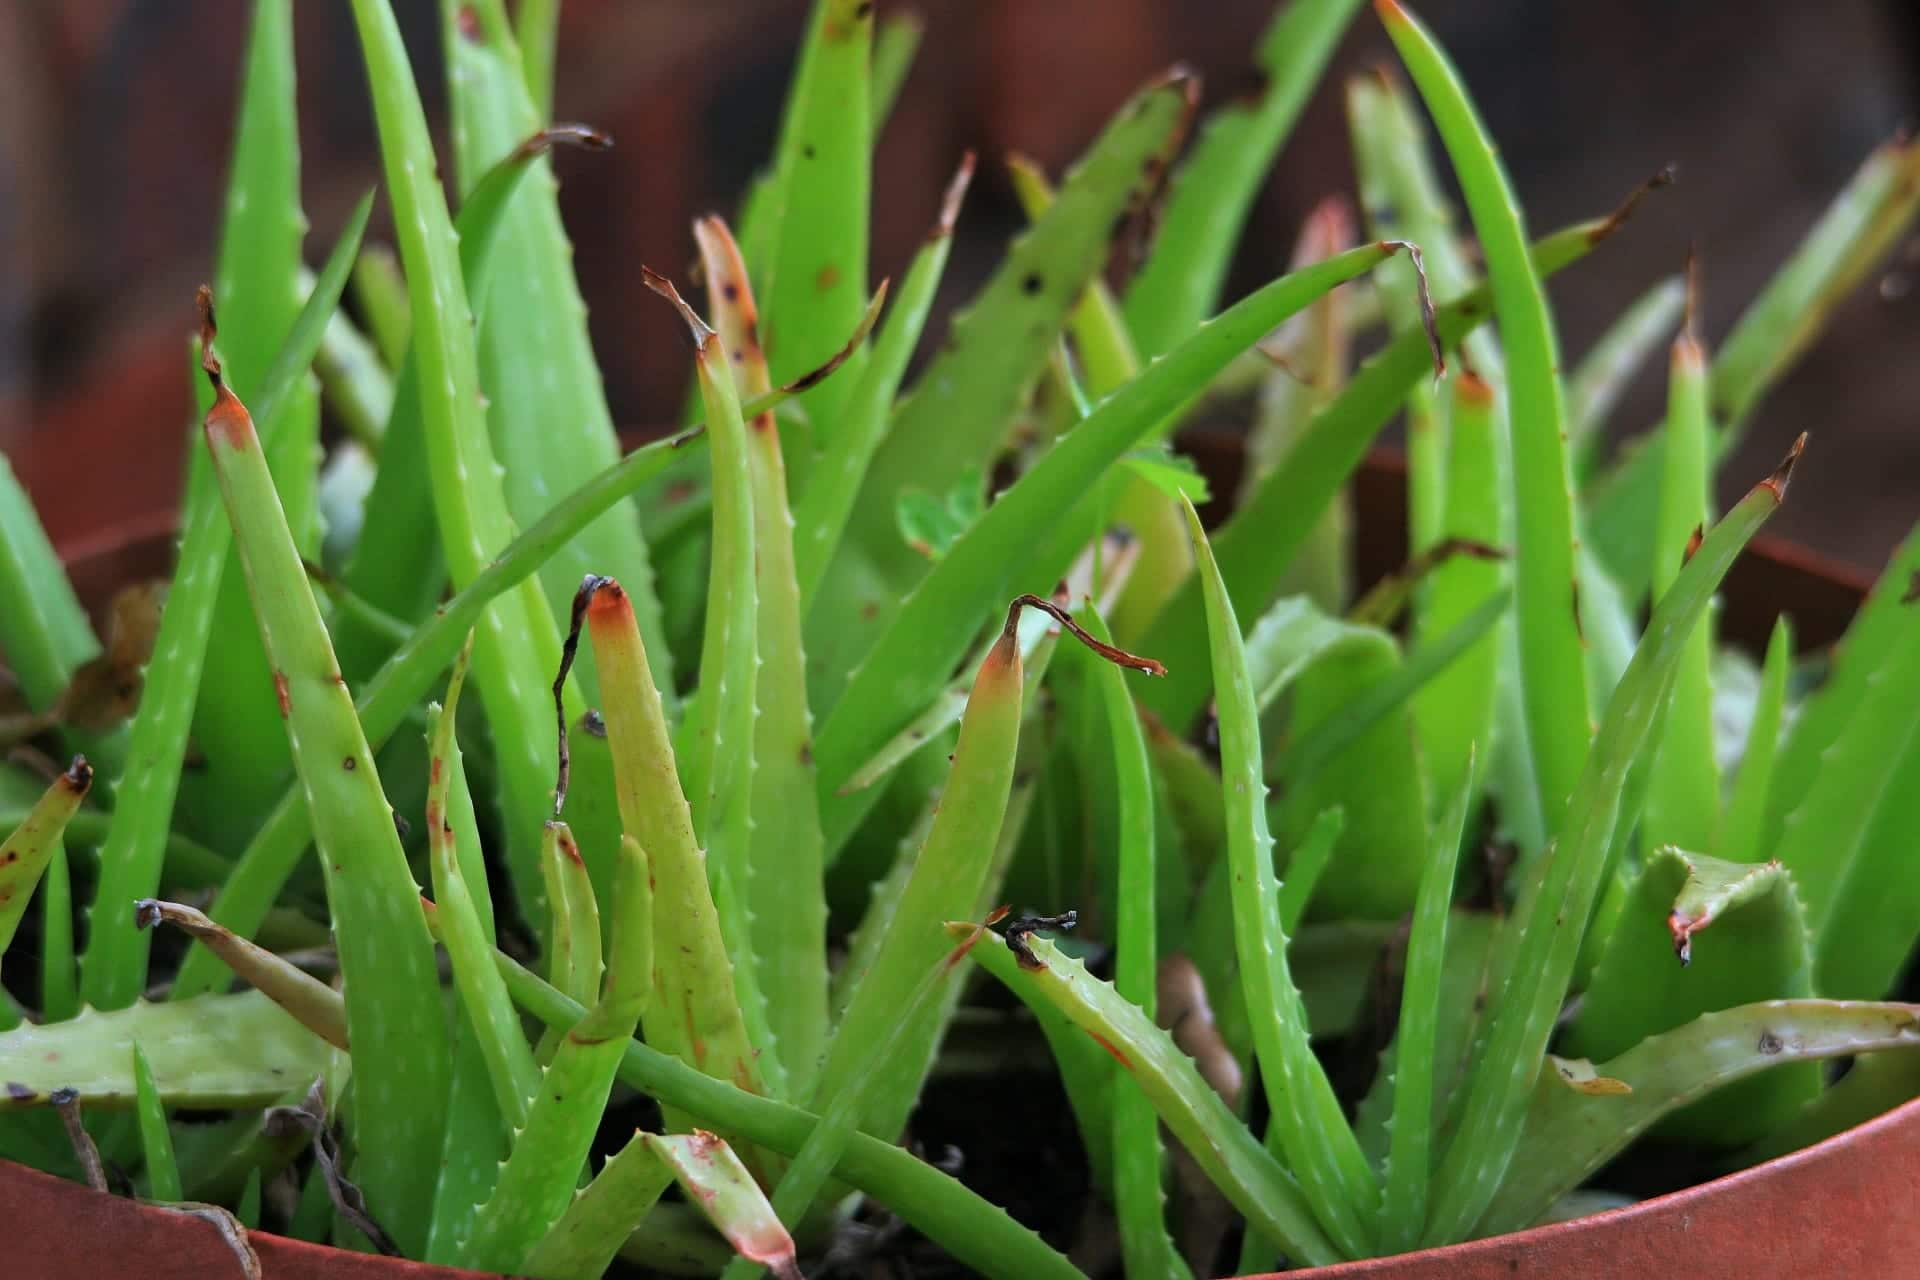 C mo reproducir la planta aloe vera - Como es la planta de aloe vera ...